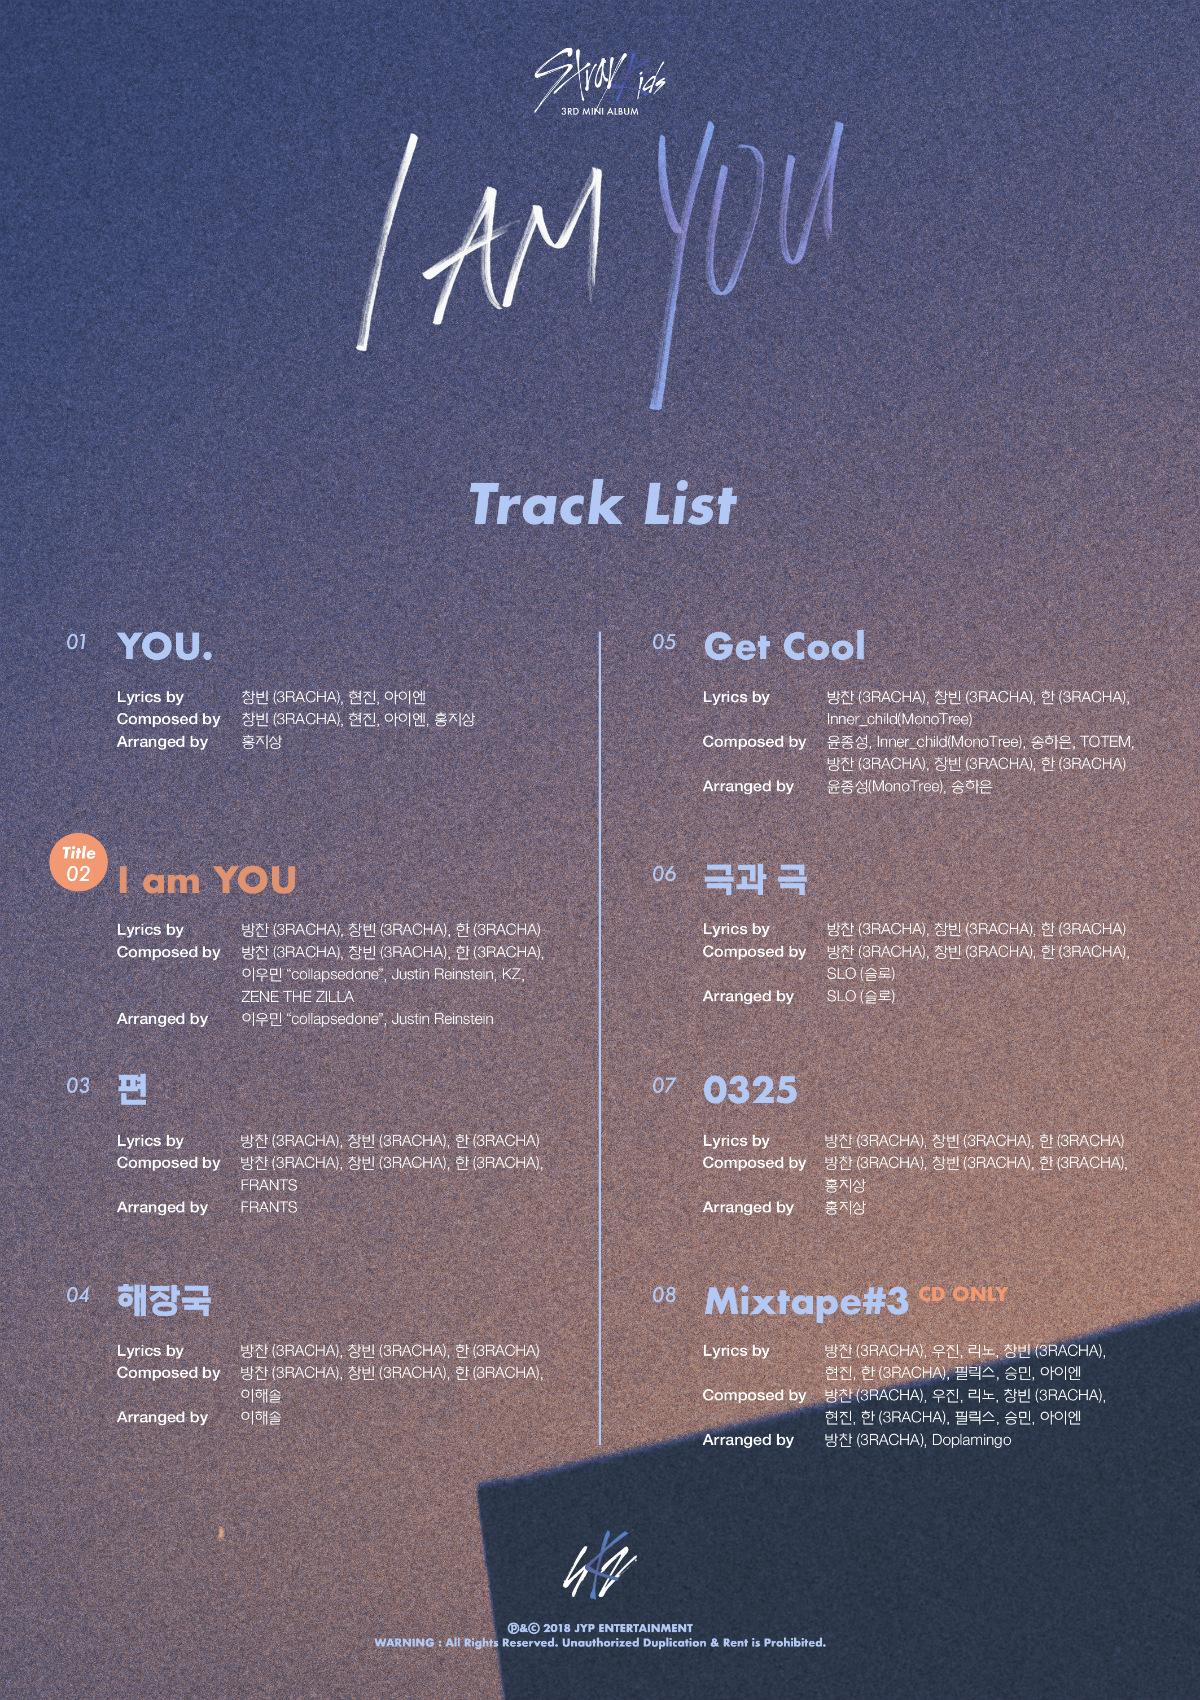 스트레이 키즈, 22일 발매 미니 3집 타이틀곡은 '아이 엠 유'...'전곡 작사, 작곡 참여' 21일 쇼케이스